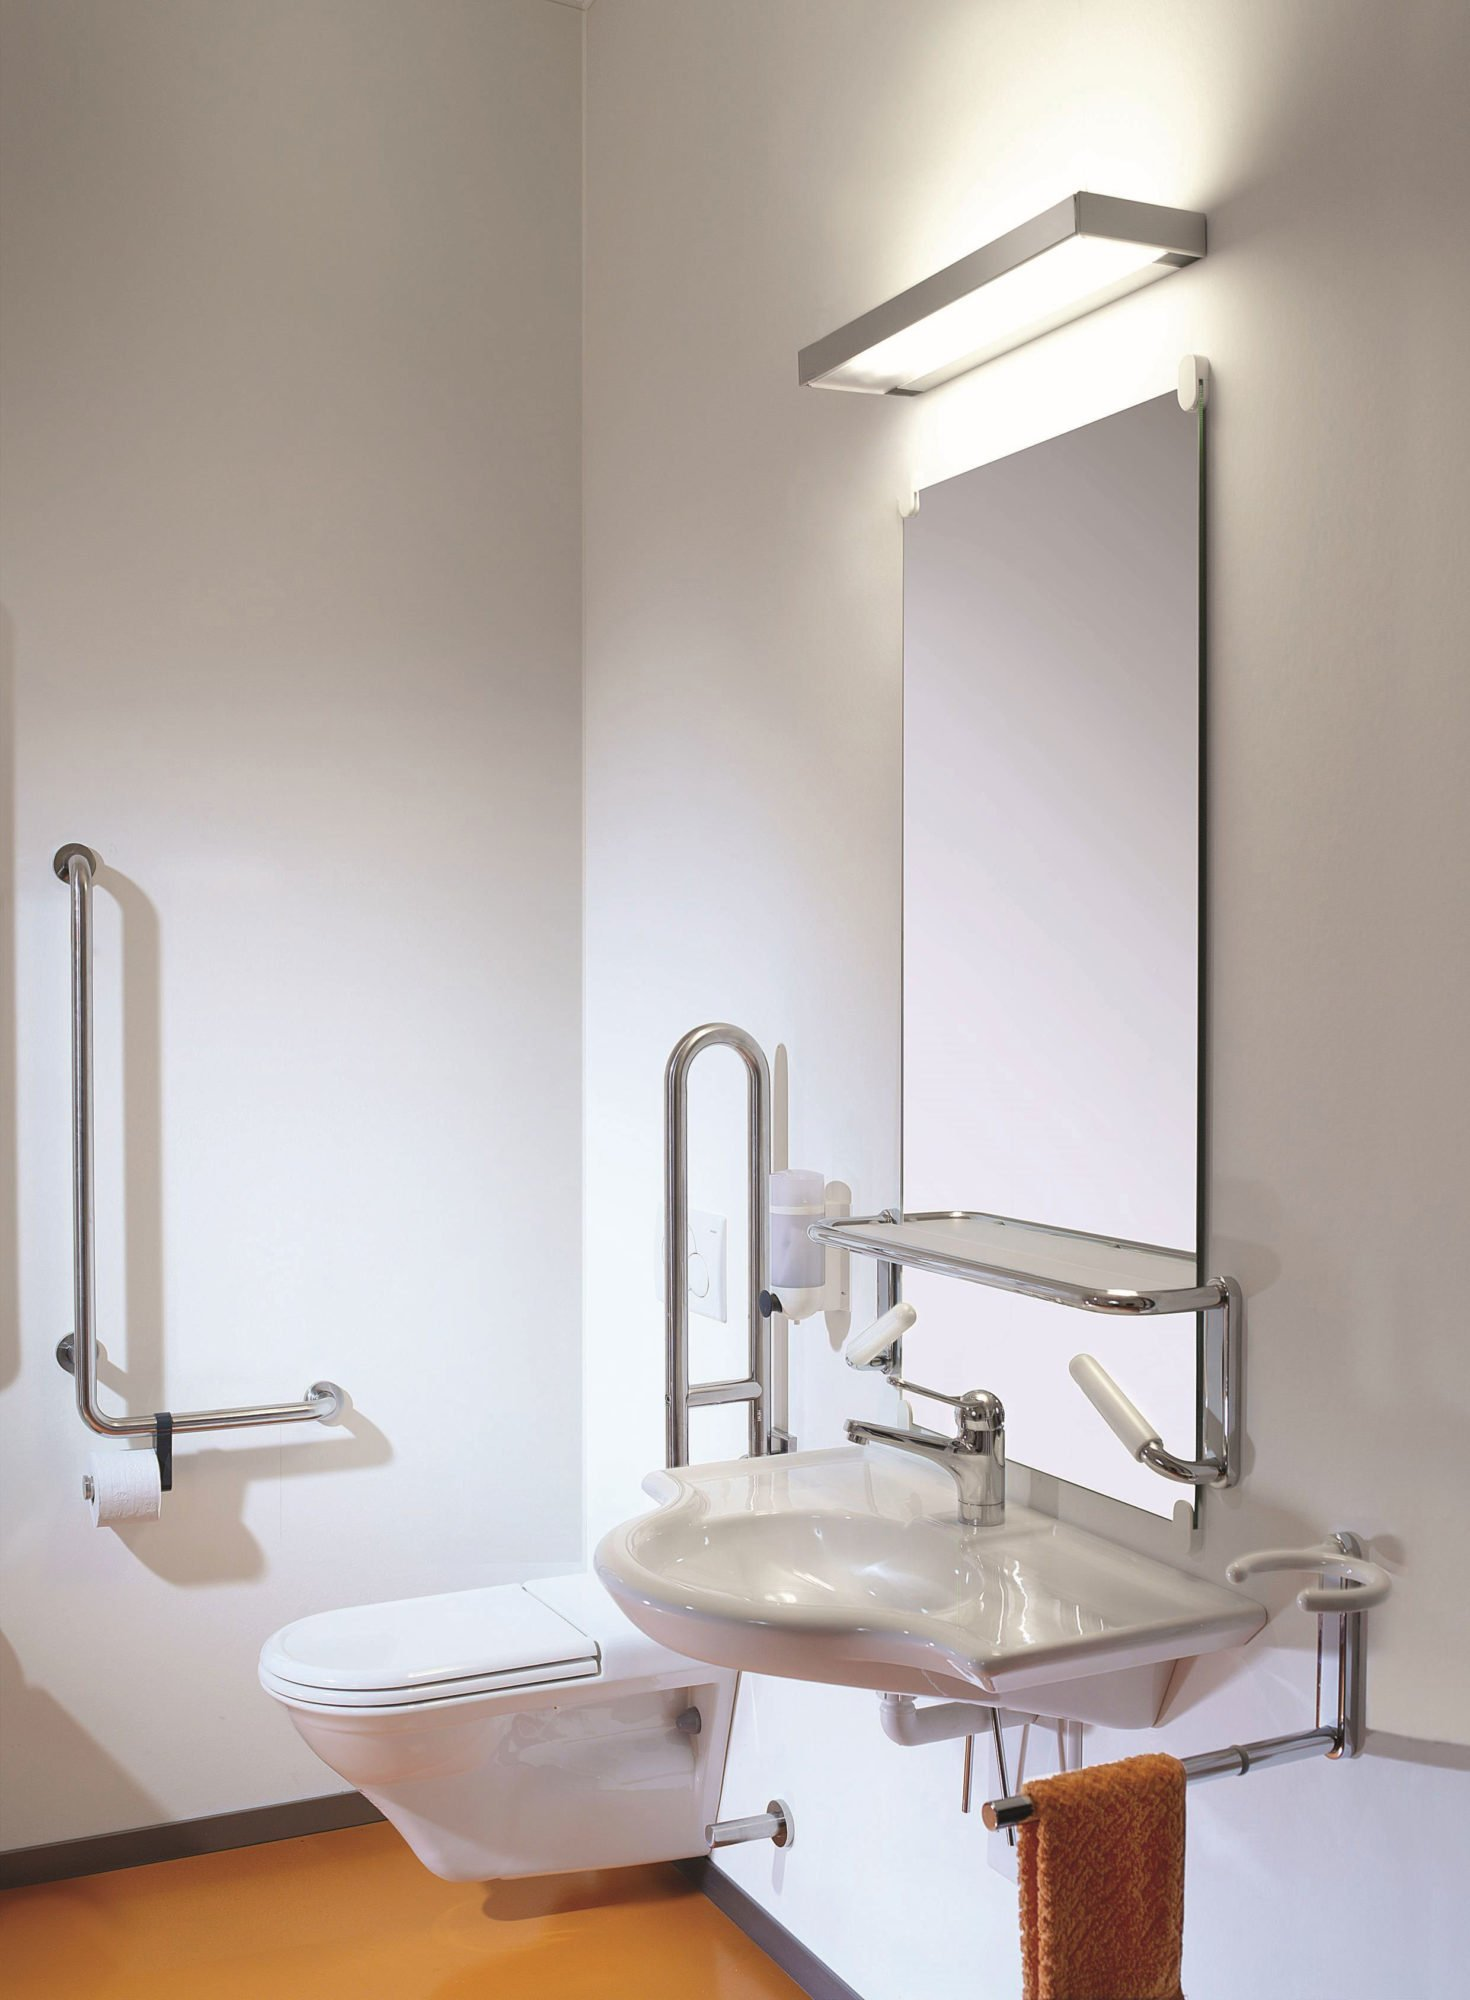 Zu sehen ist ein barrierefreies WC. Ein unterfahrbares Waschbecken und ein Spiegel mit Lampe.